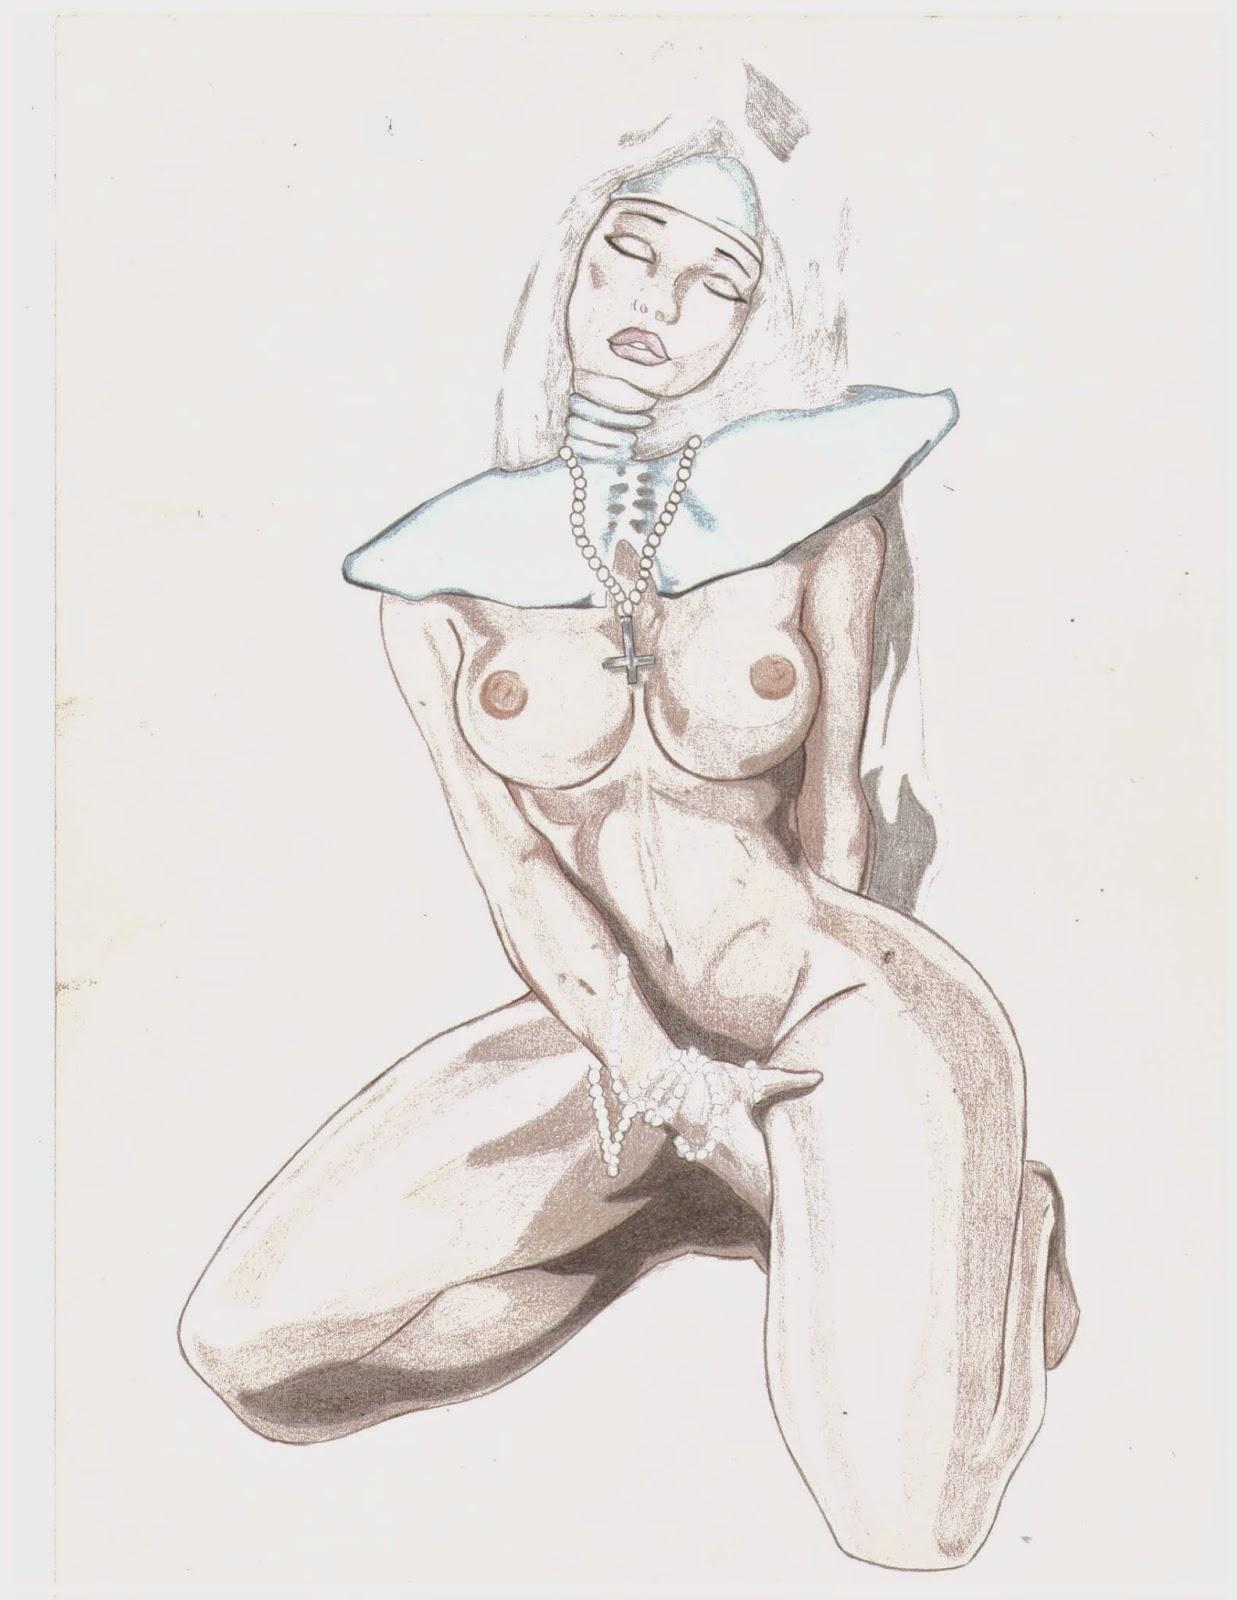 mulheres sensuais